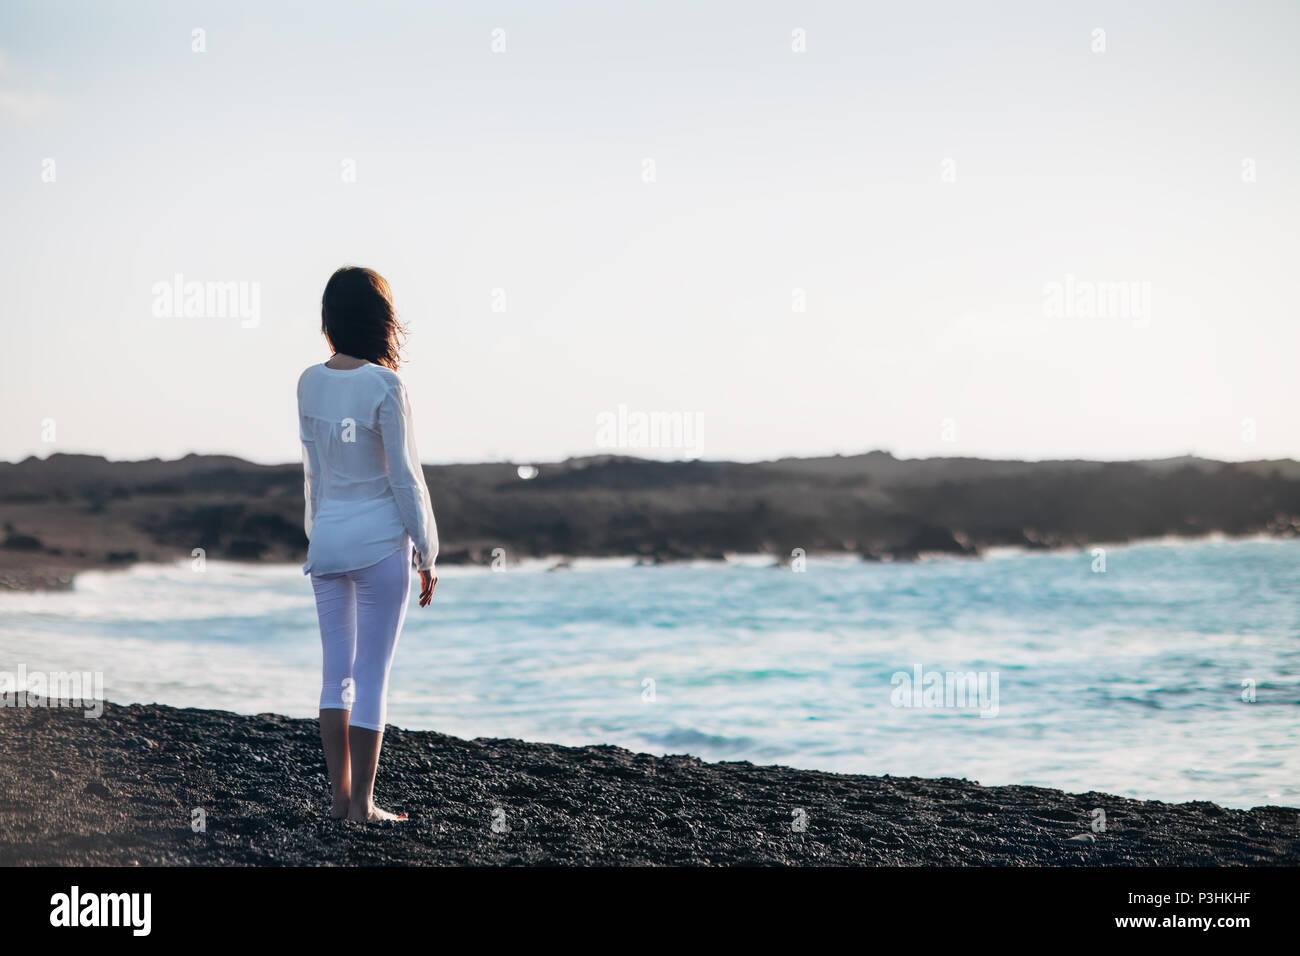 Vista posteriore della giovane donna solitaria godendo di mare sulla spiaggia di sabbia nera. Isole Canarie, Spagna. Concetto di solitudine Immagini Stock